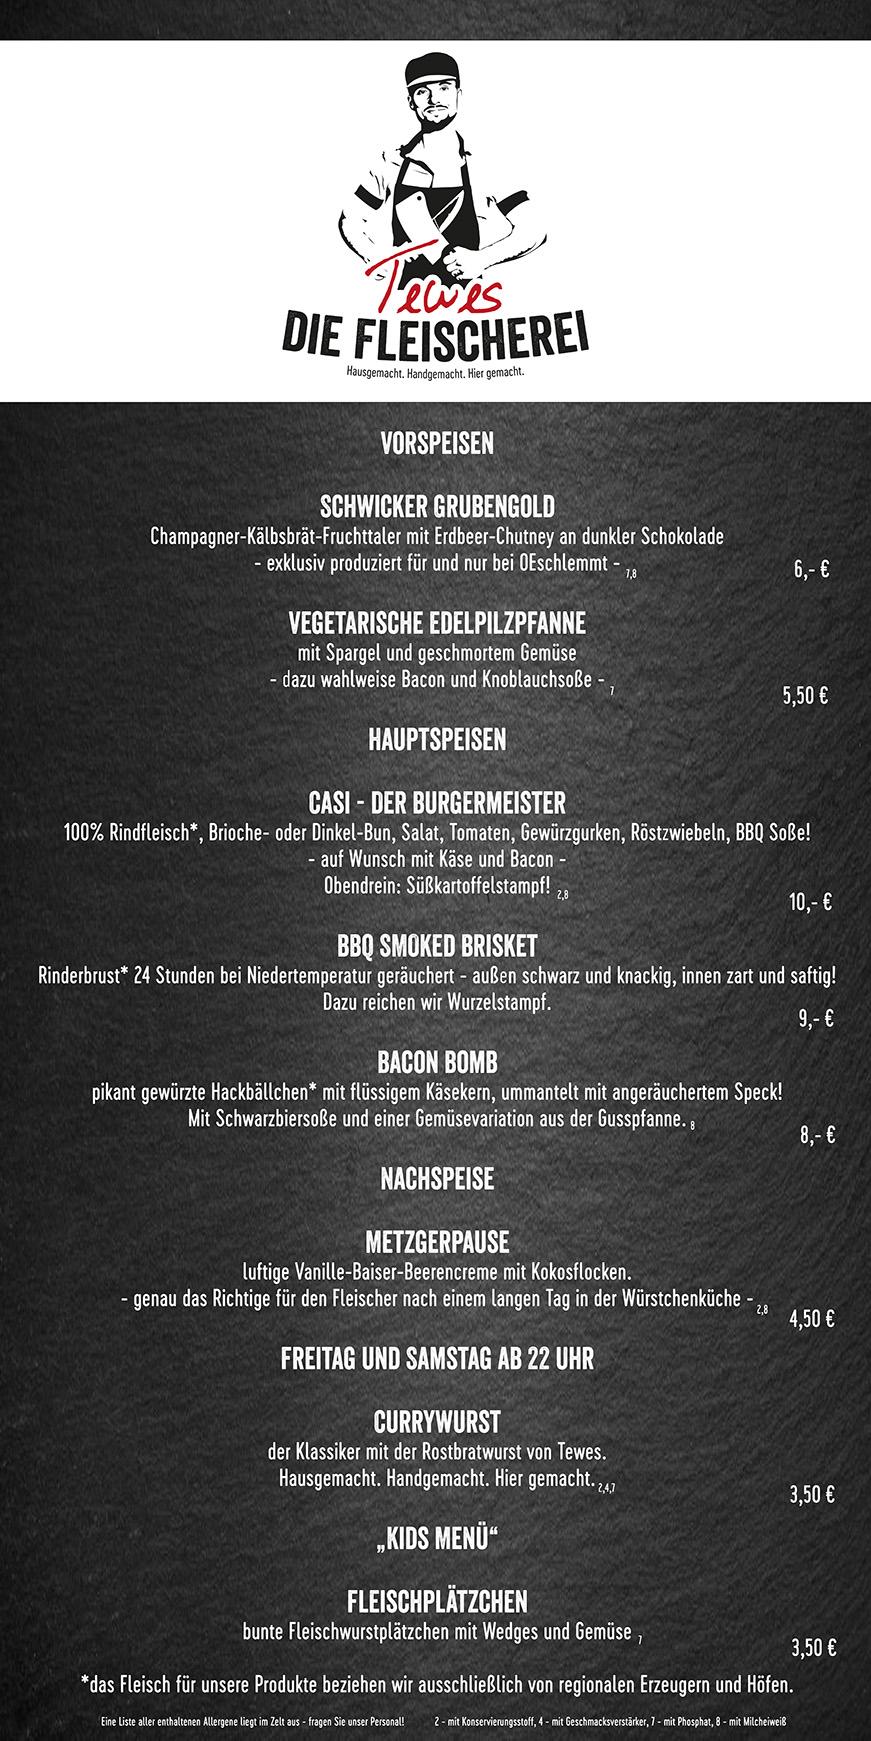 Tewes - Die Fleischerei: Speisekarte OE schlemmt